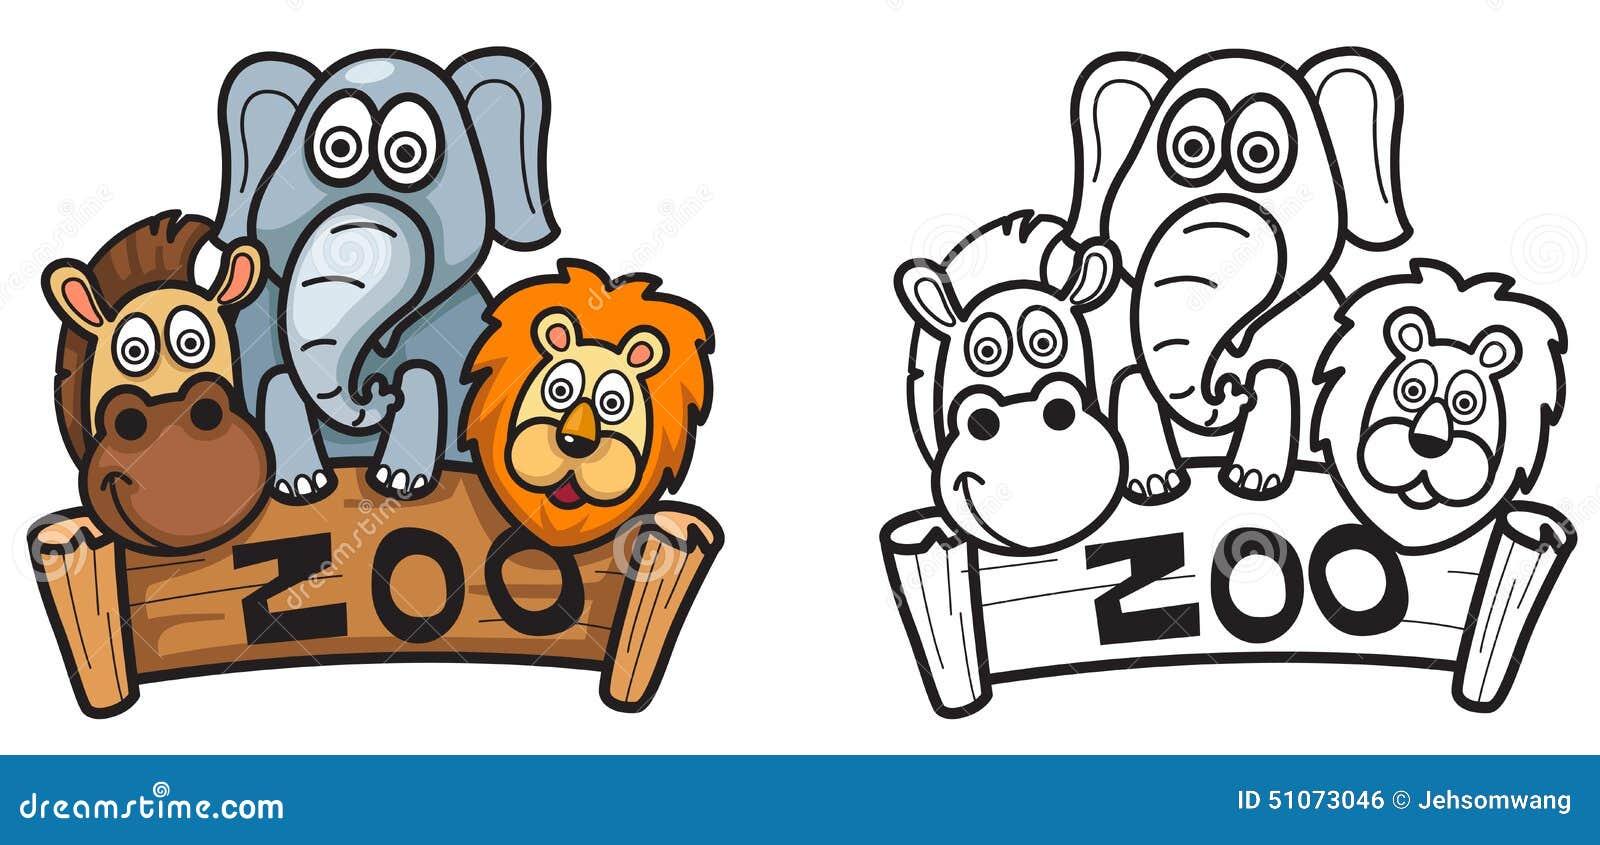 Desenho De Letra Z De Zoológico Para Colorir: Jardim Zoológico Colorido E Preto E Branco Para O Livro